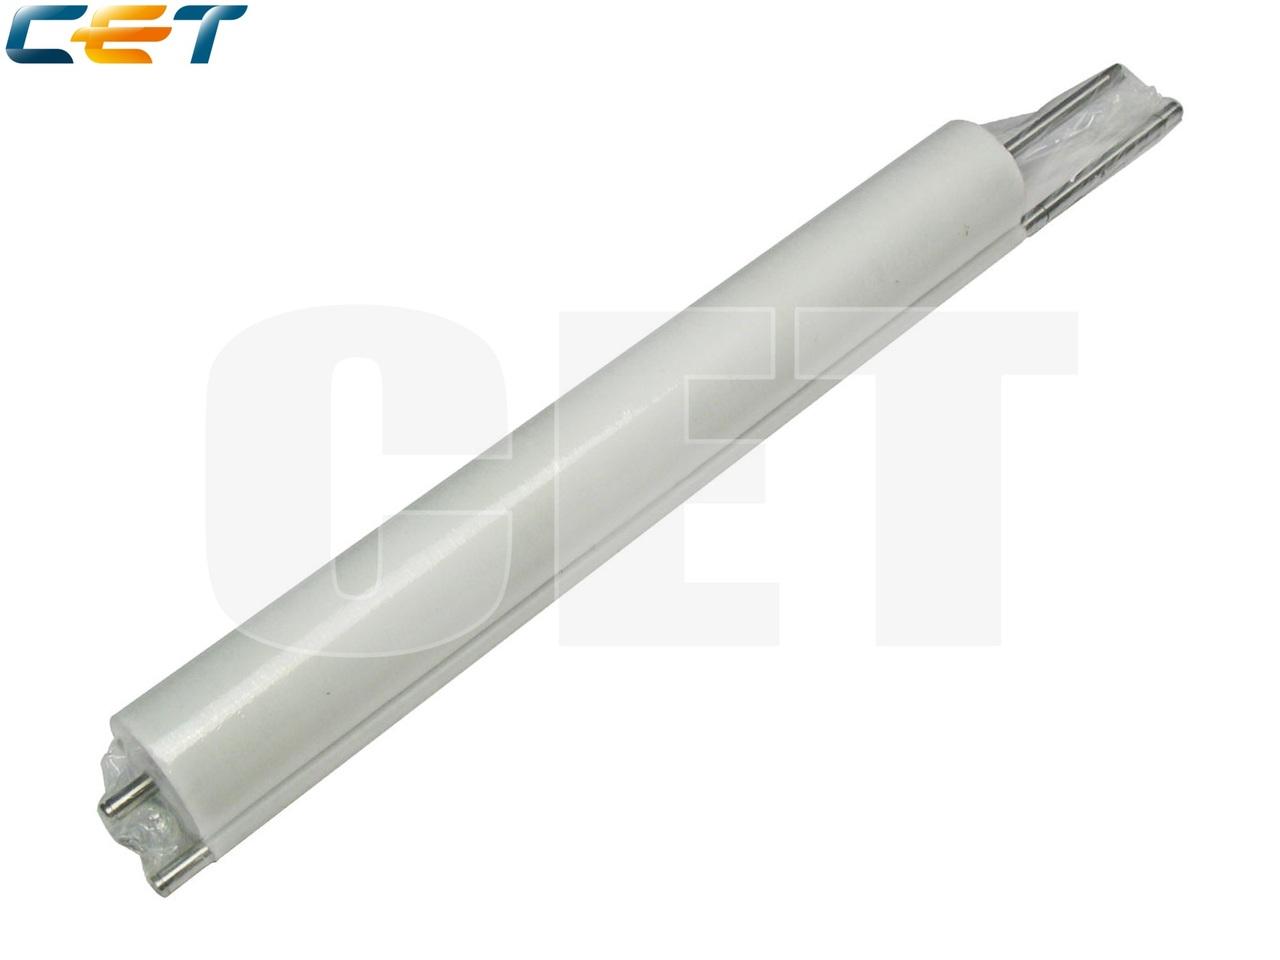 Чистящая лента фьюзера 6LA23055000 для TOSHIBA E-Studio550/650/810 (CET), CET4105